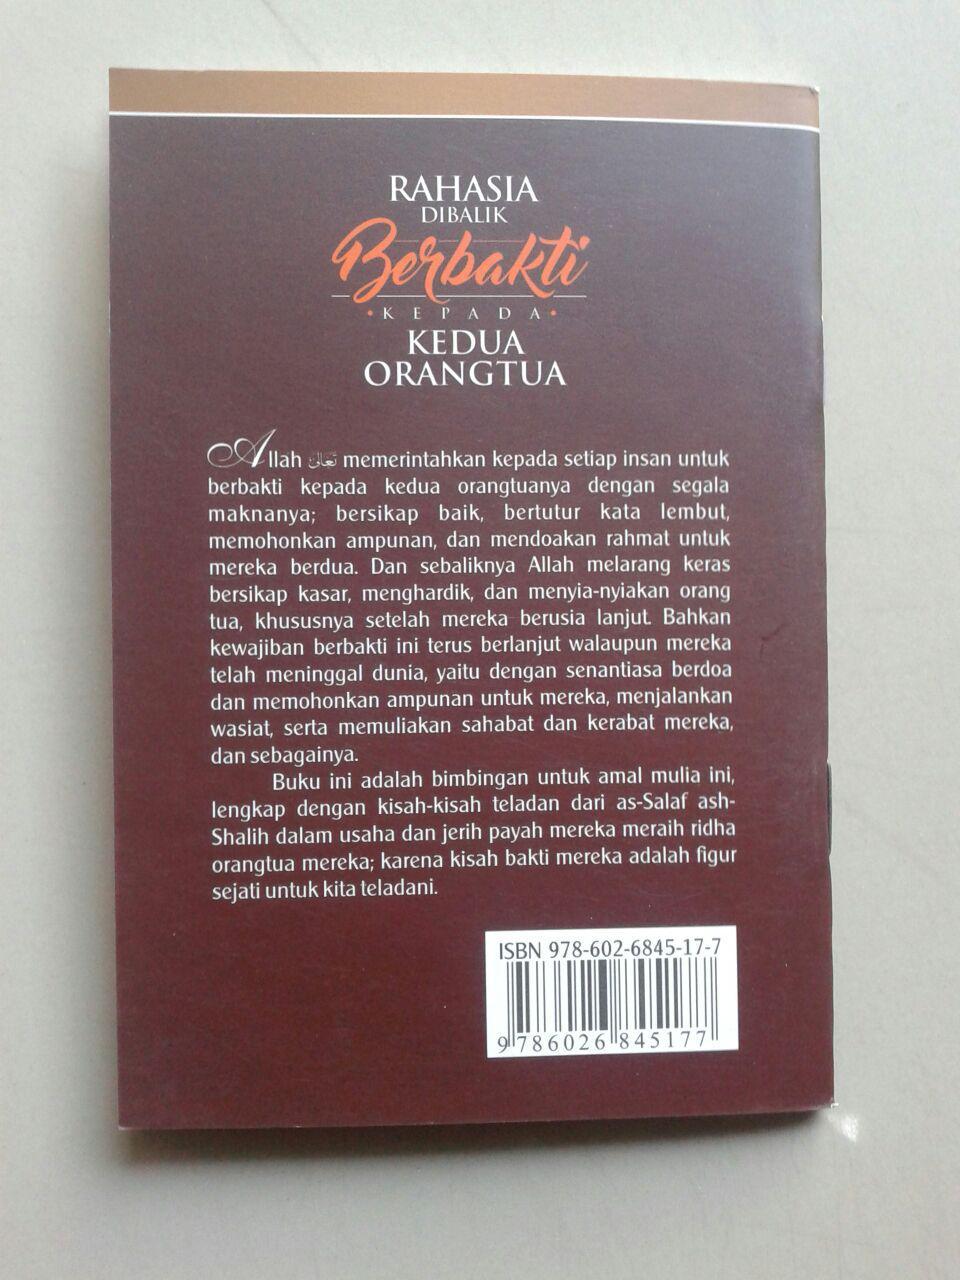 Buku Saku Rahasia Dibalik Berbakti Kepada Kedua Orangtua cover